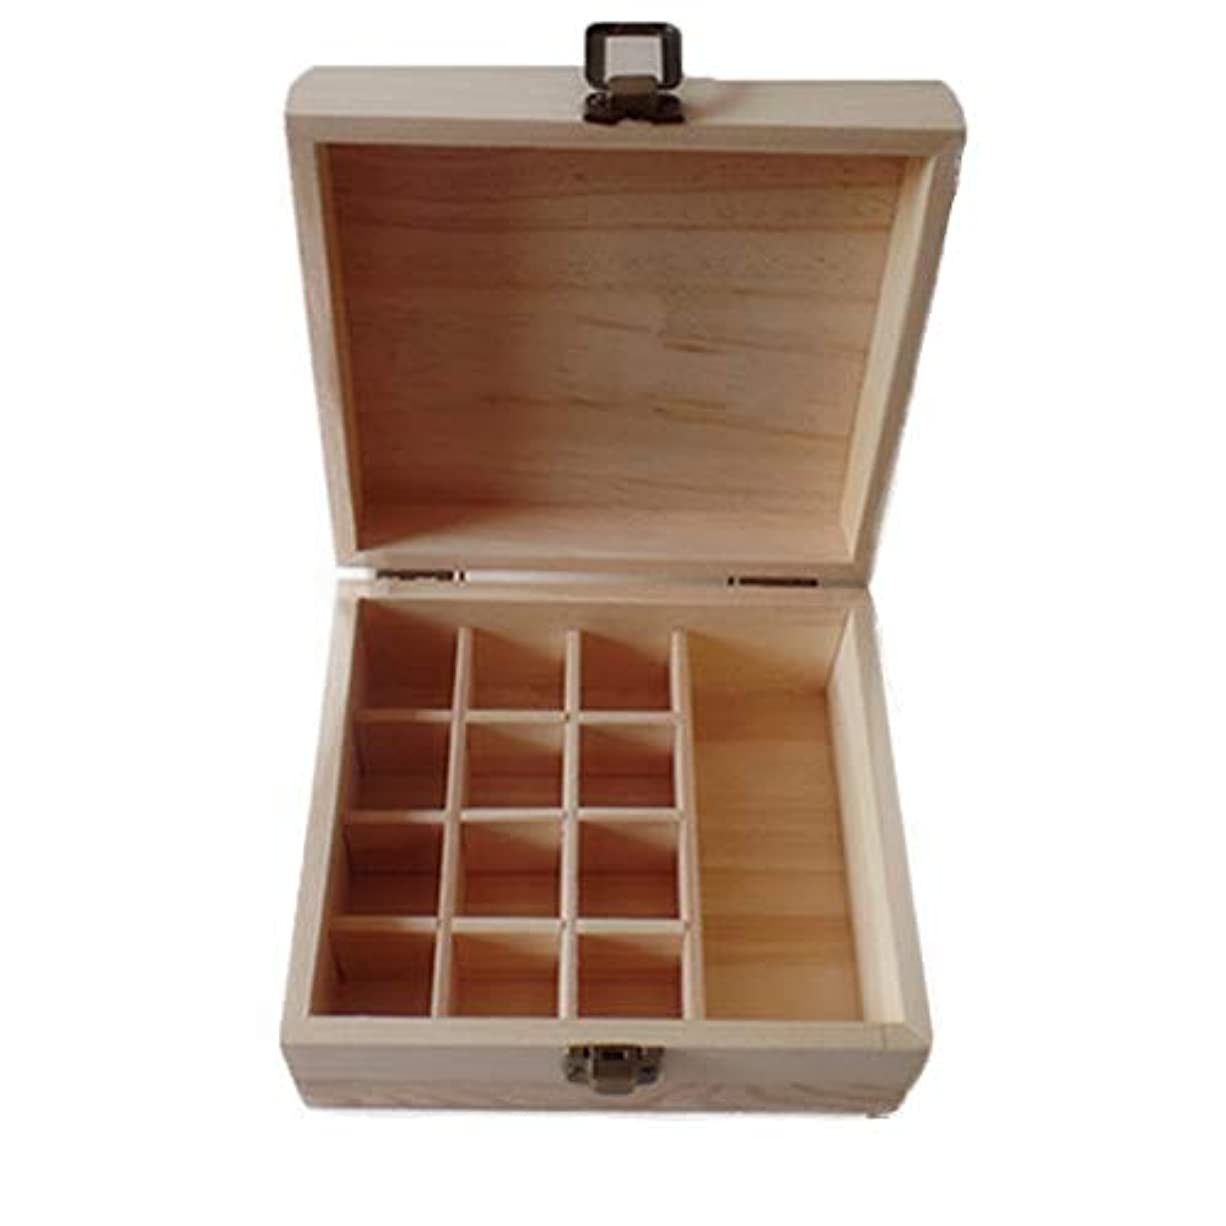 カストディアン注釈変装エッセンシャルオイルの保管 ディスプレイのプレゼンテーションのために完璧な13スロットエッセンシャルオイルストレージ木箱エッセンシャルオイル木製ケース (色 : Natural, サイズ : 15X16.9X8CM)